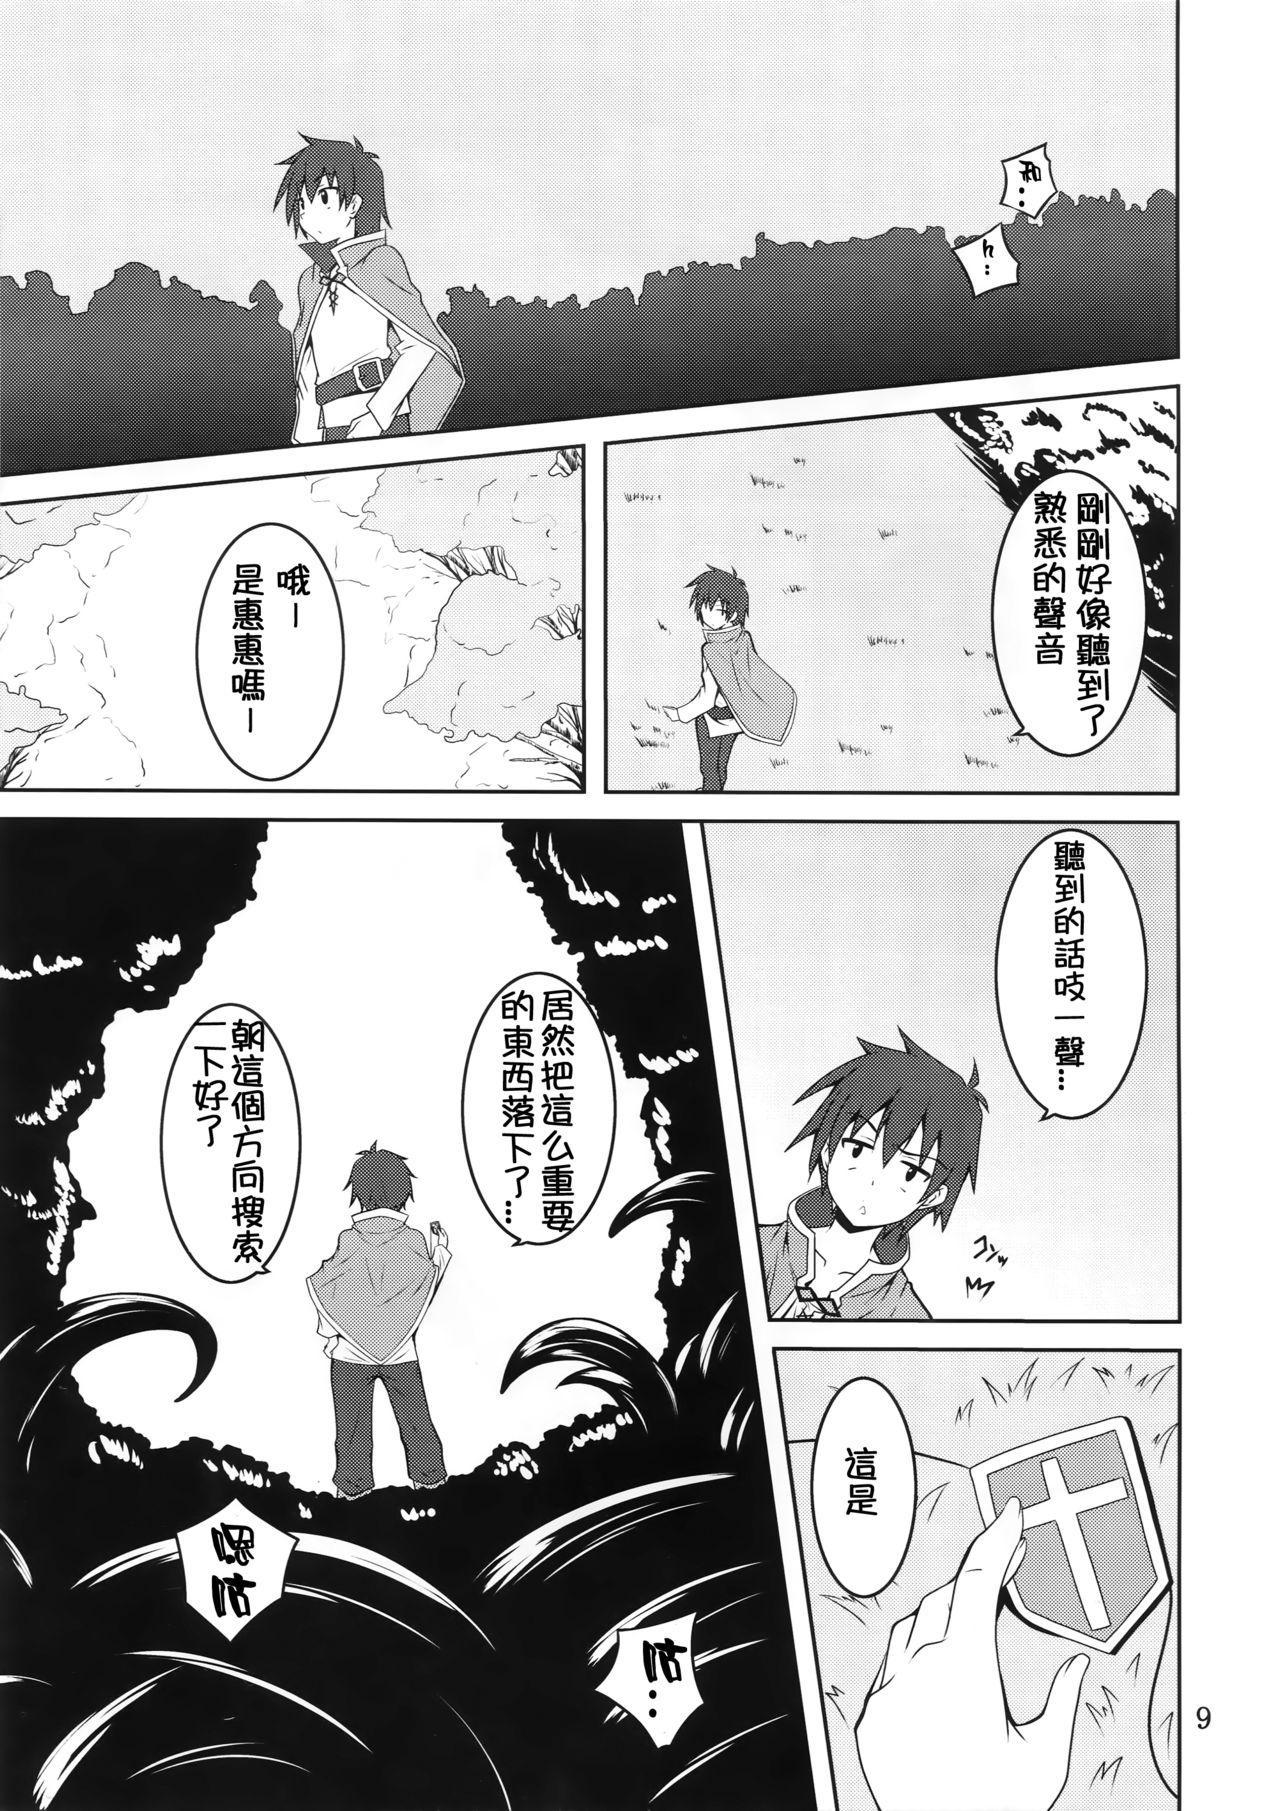 Megumin to Shokushu ni Syukufuku o! | Blessing upon Megumin and the Tentacles! 8